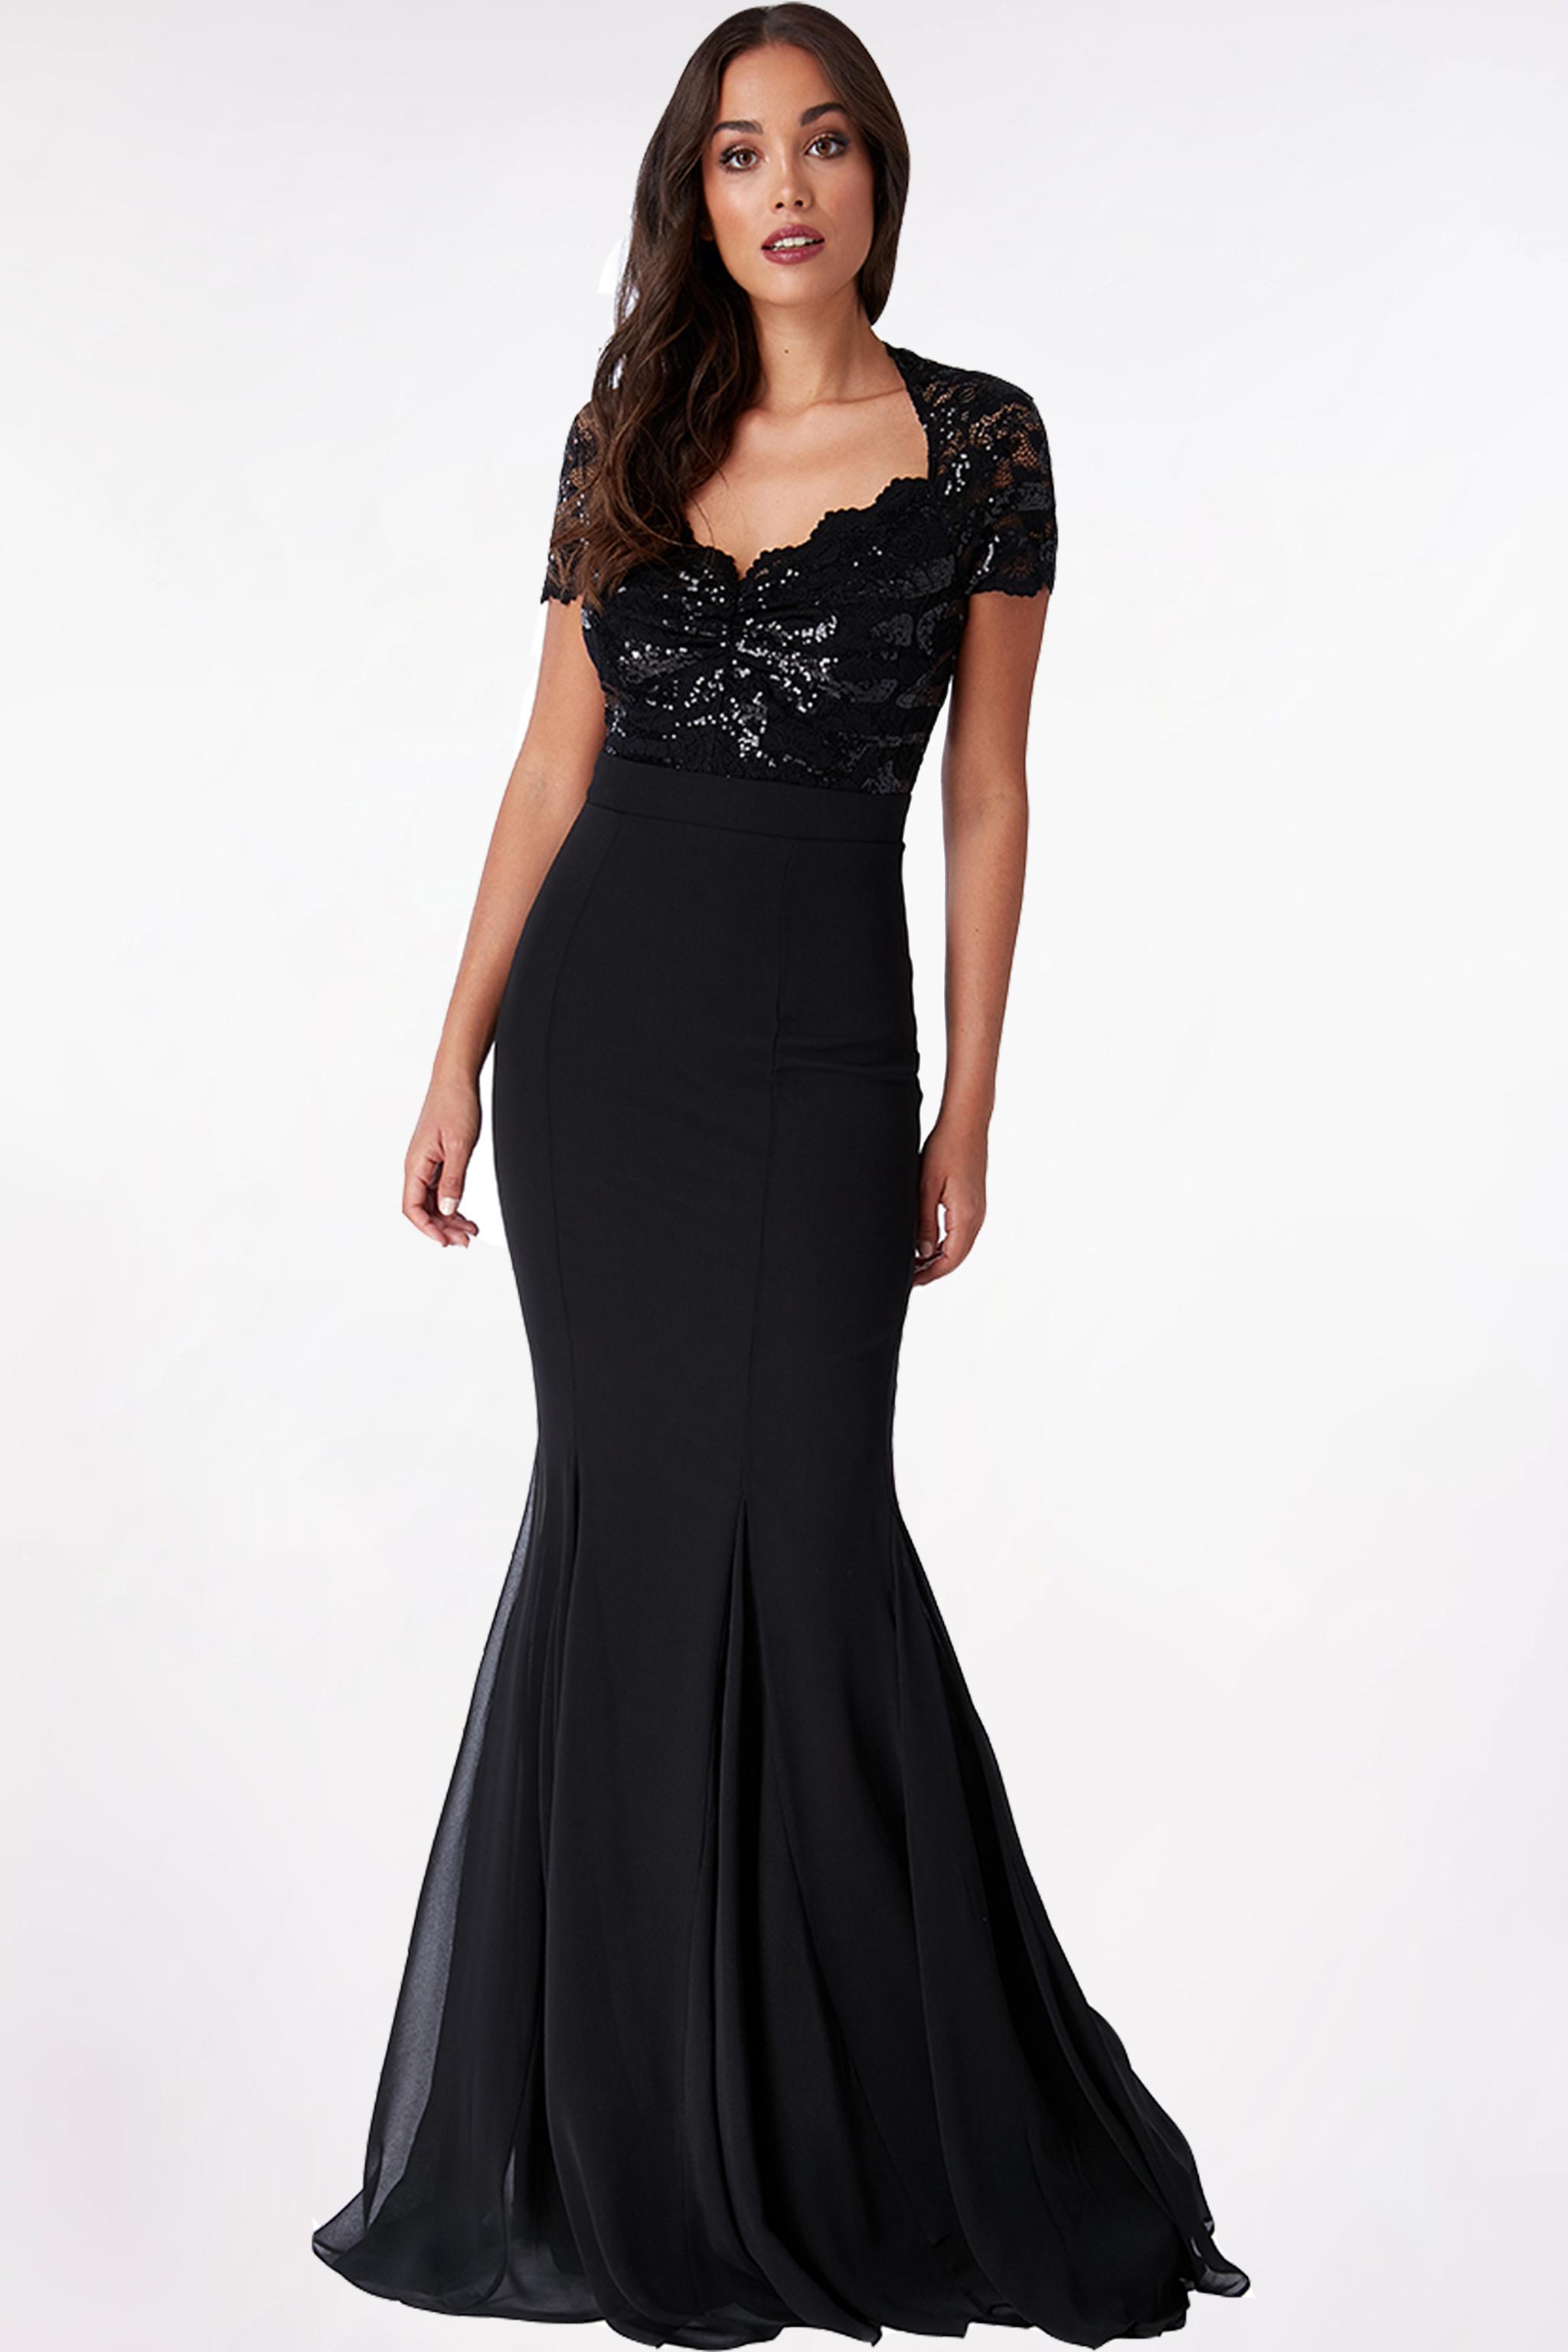 e011ced1cd23 Obrázok 1 Čierne plesové šaty s krátkym rukávom